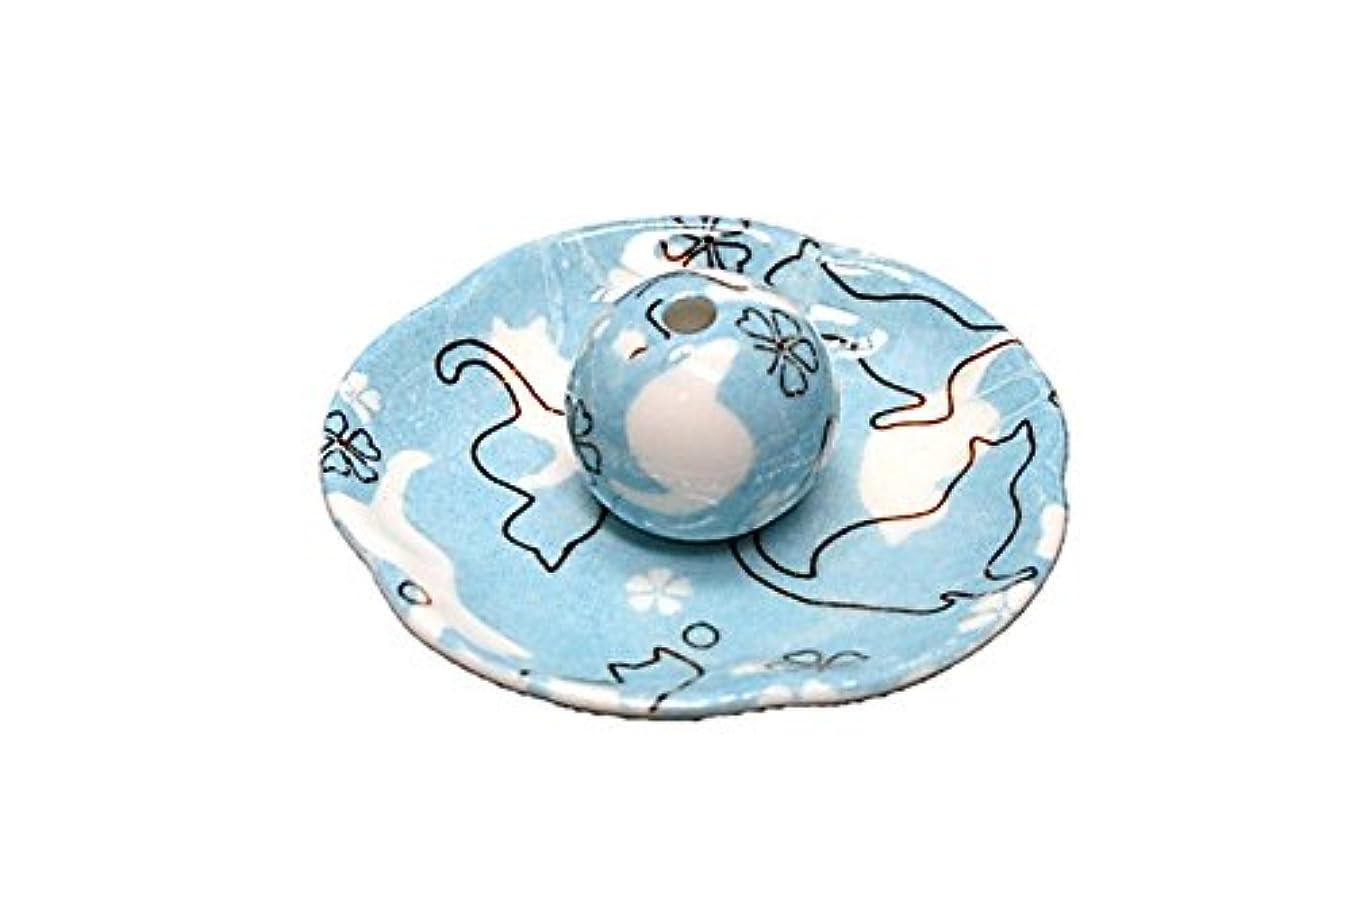 トリプル首尾一貫した通信するねこランド ブルー 花形香皿 お香立て ネコ 猫 ACSWEBSHOPオリジナル